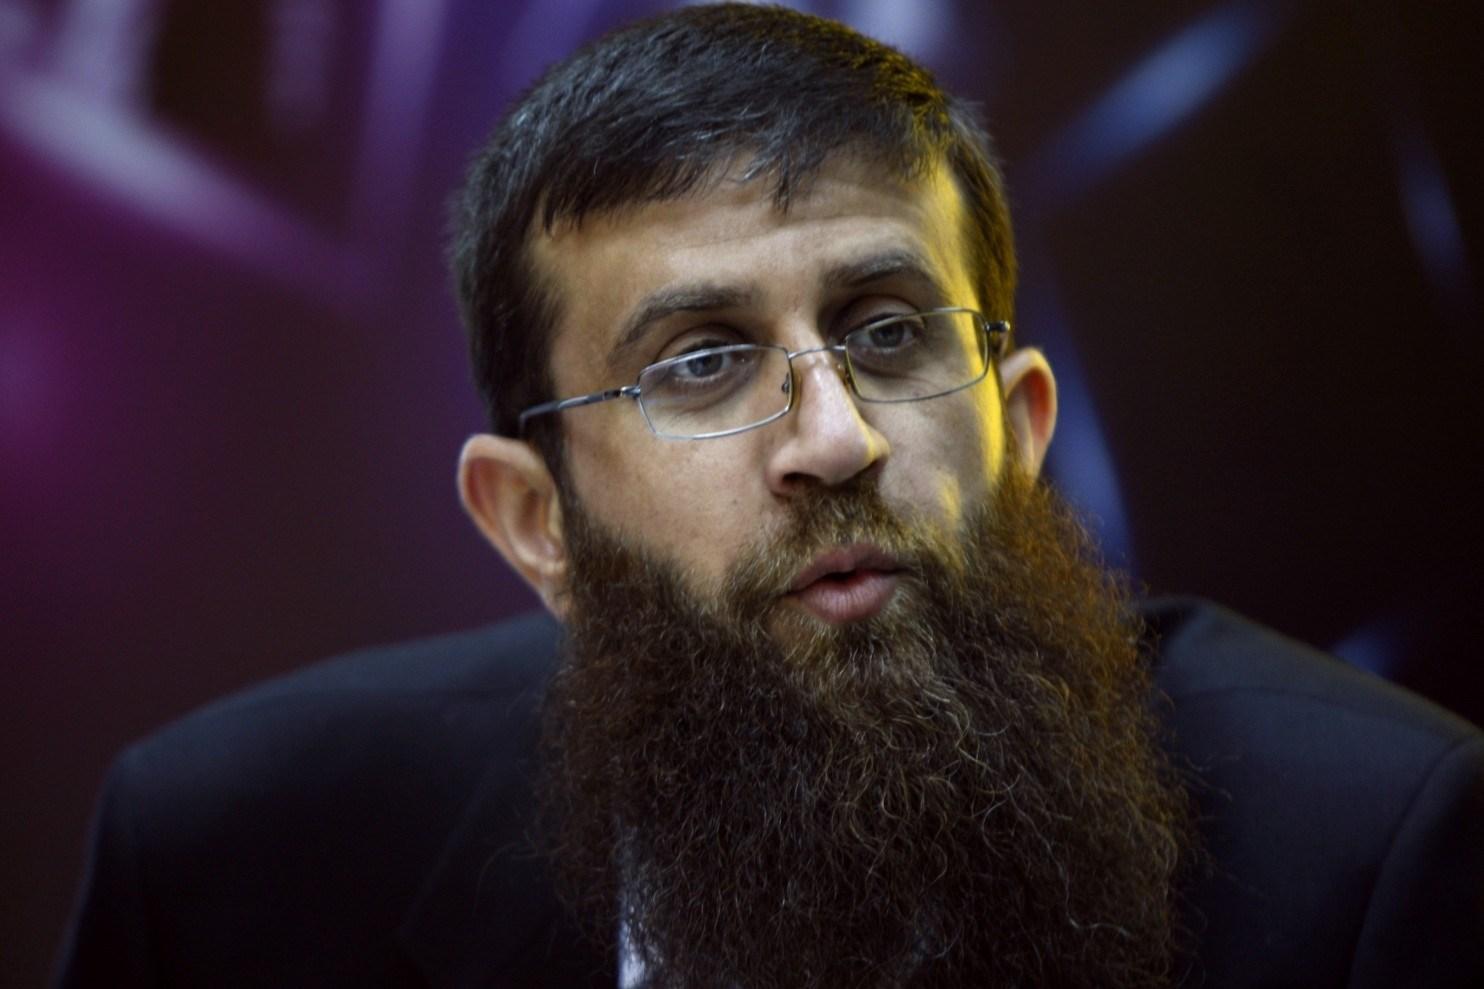 القيادي في حركة الجهاد الإسلامي في فلسطين الشيخ خضر عدنان